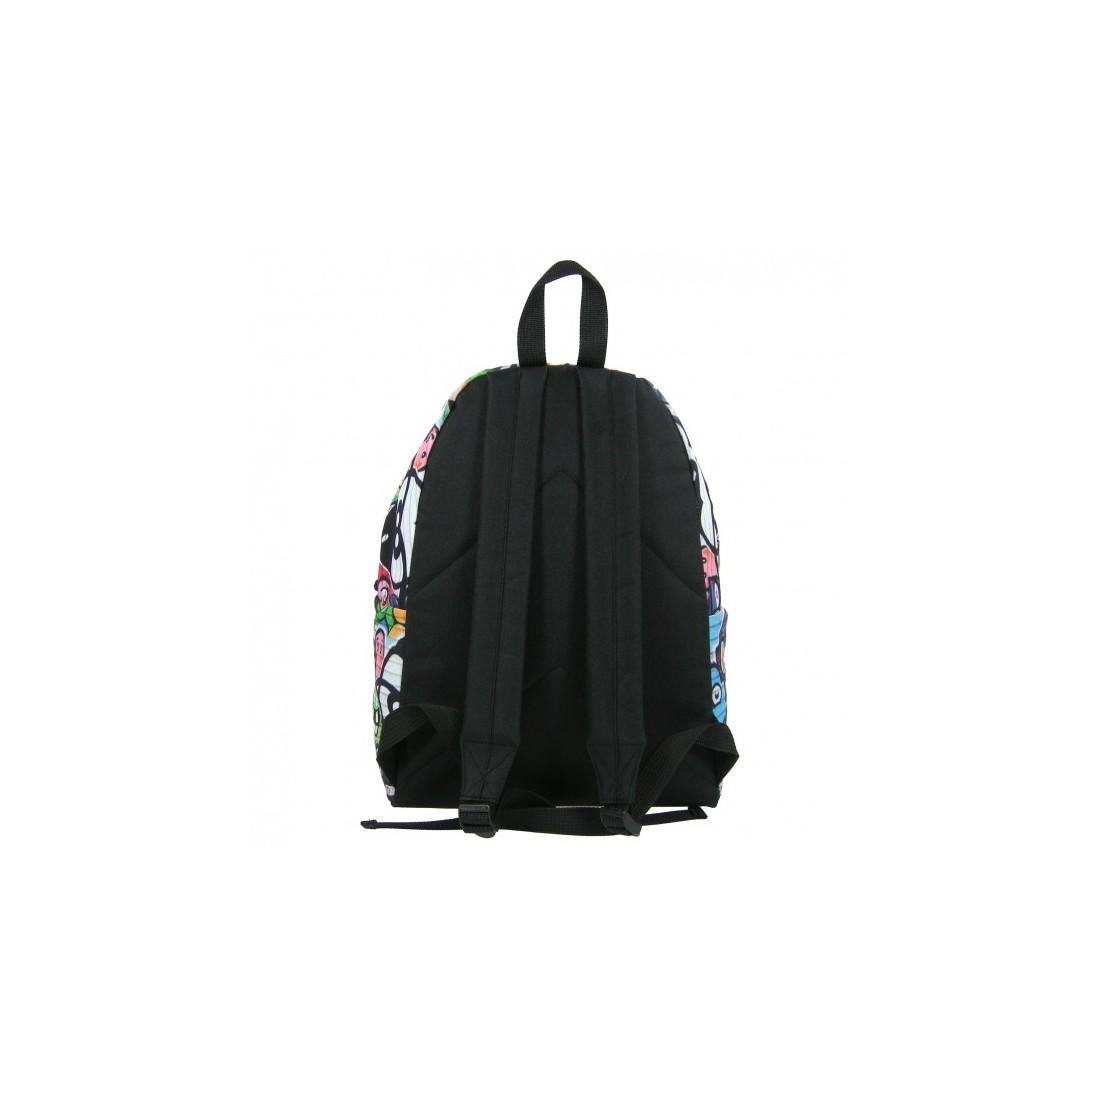 Plecak młodzieżowy Fullprint Rebel - plecak-tornister.pl